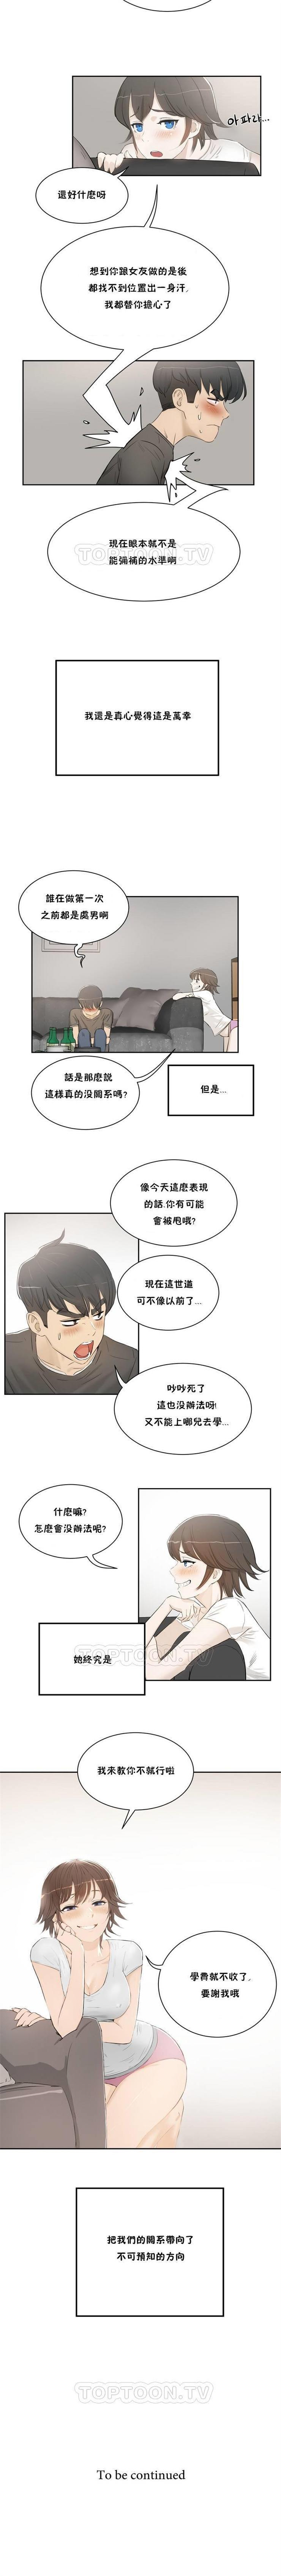 性教育 1-48.5 中文翻译(完結) 7